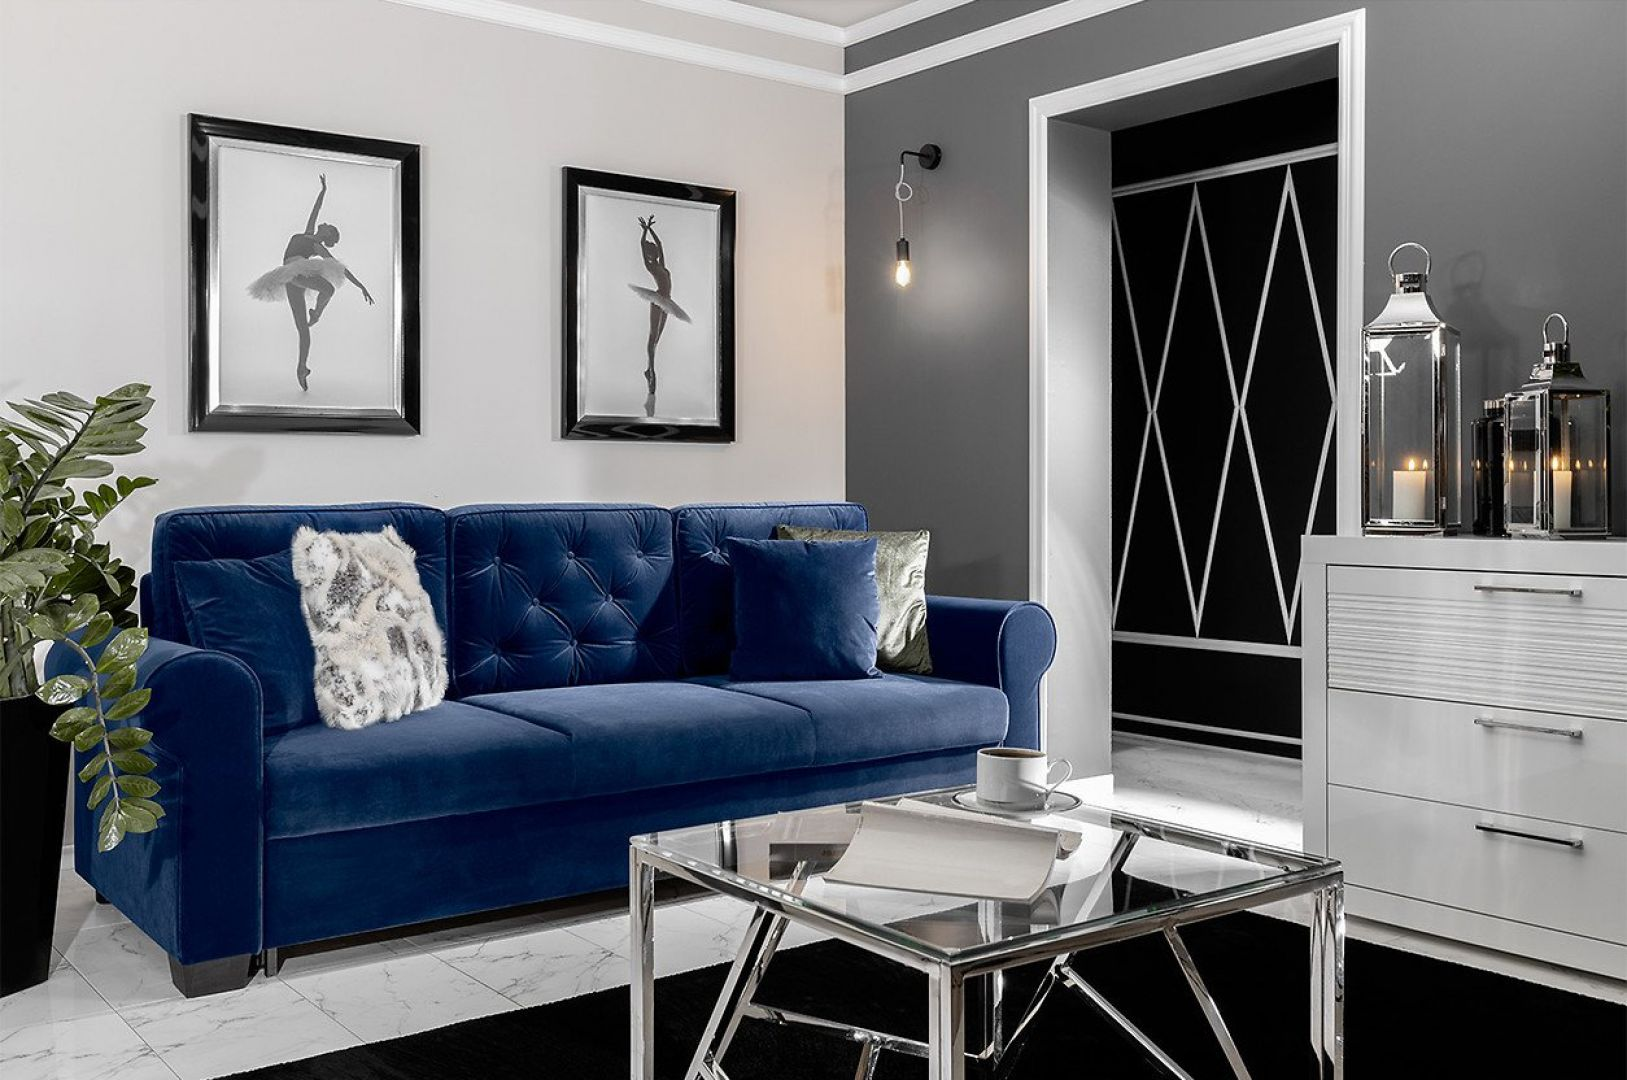 Trzyosobowa sofa Arles w welurowej tkaninie w modnym granatowym odcieniu. 2129 zł, fot. Black Red White